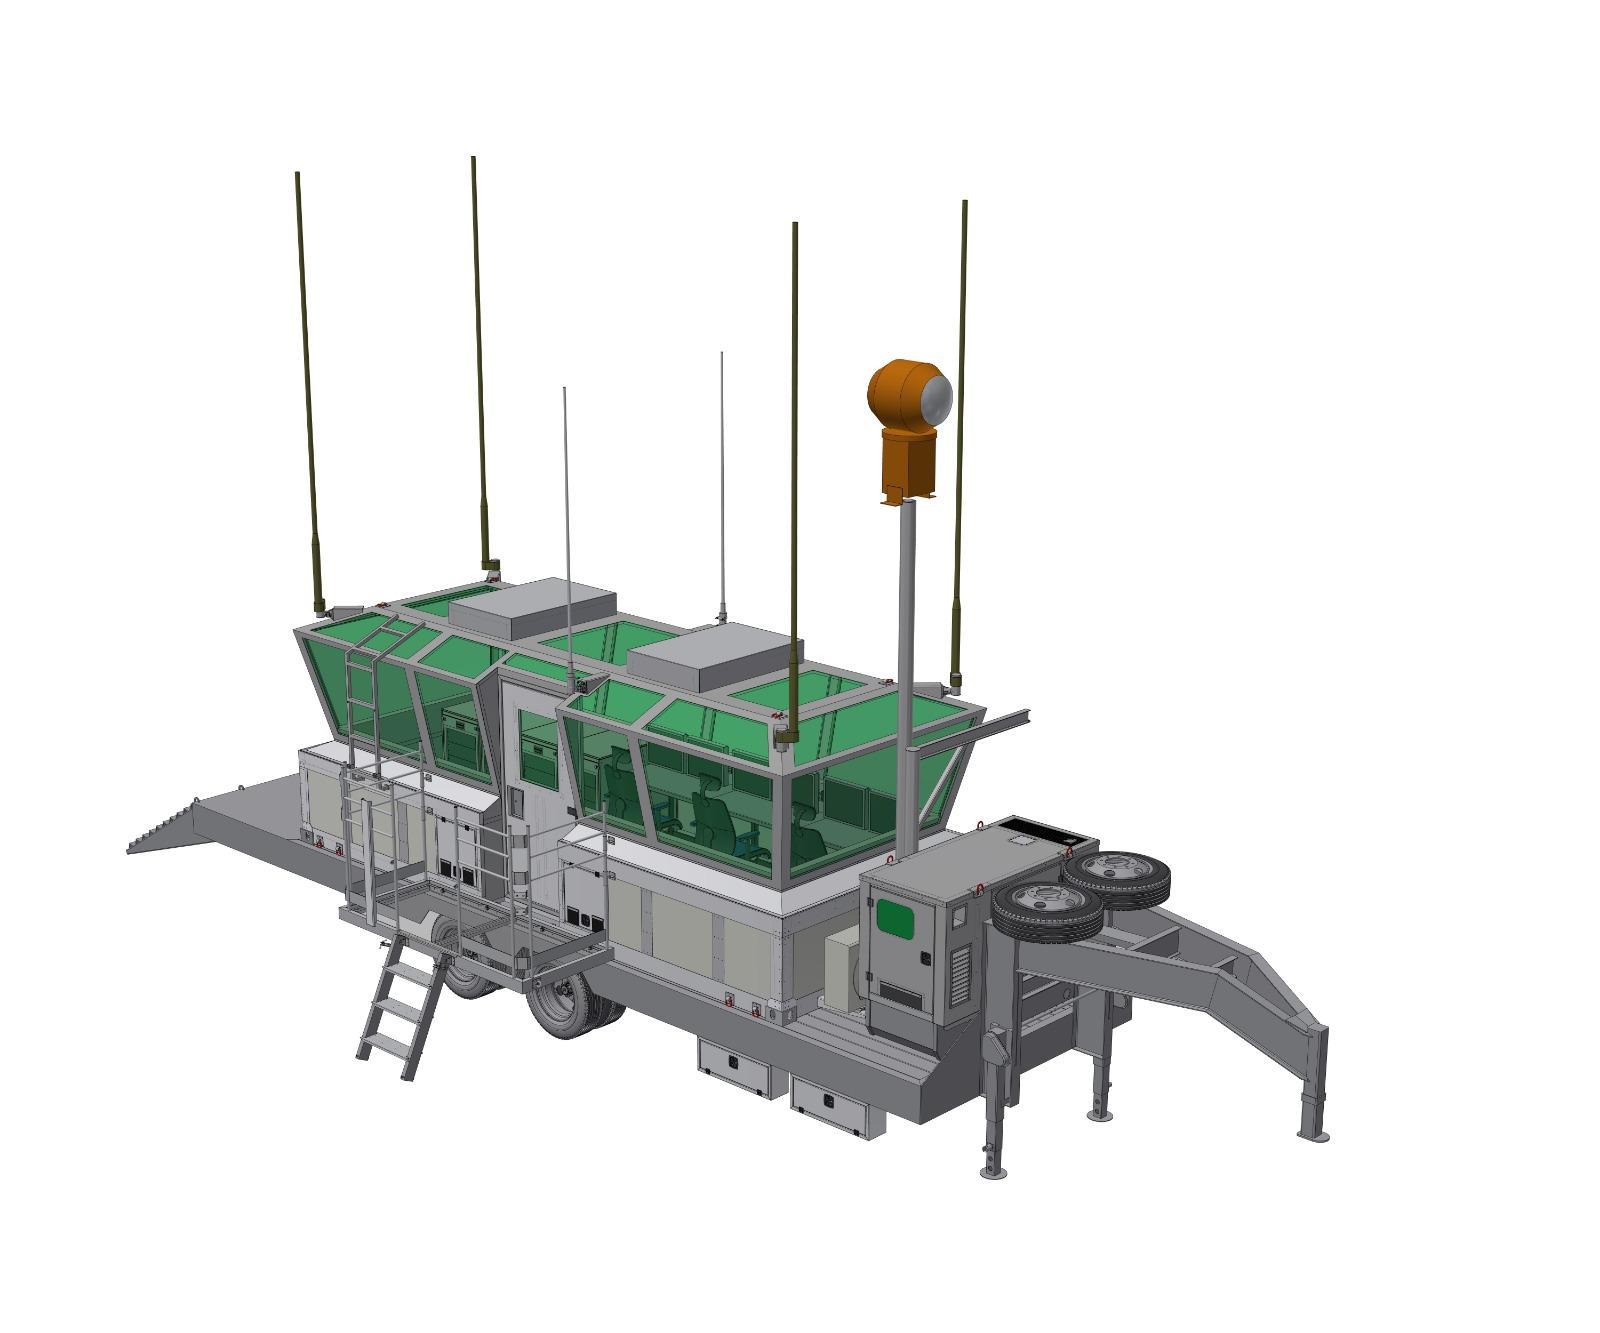 Mobile Modular Tower